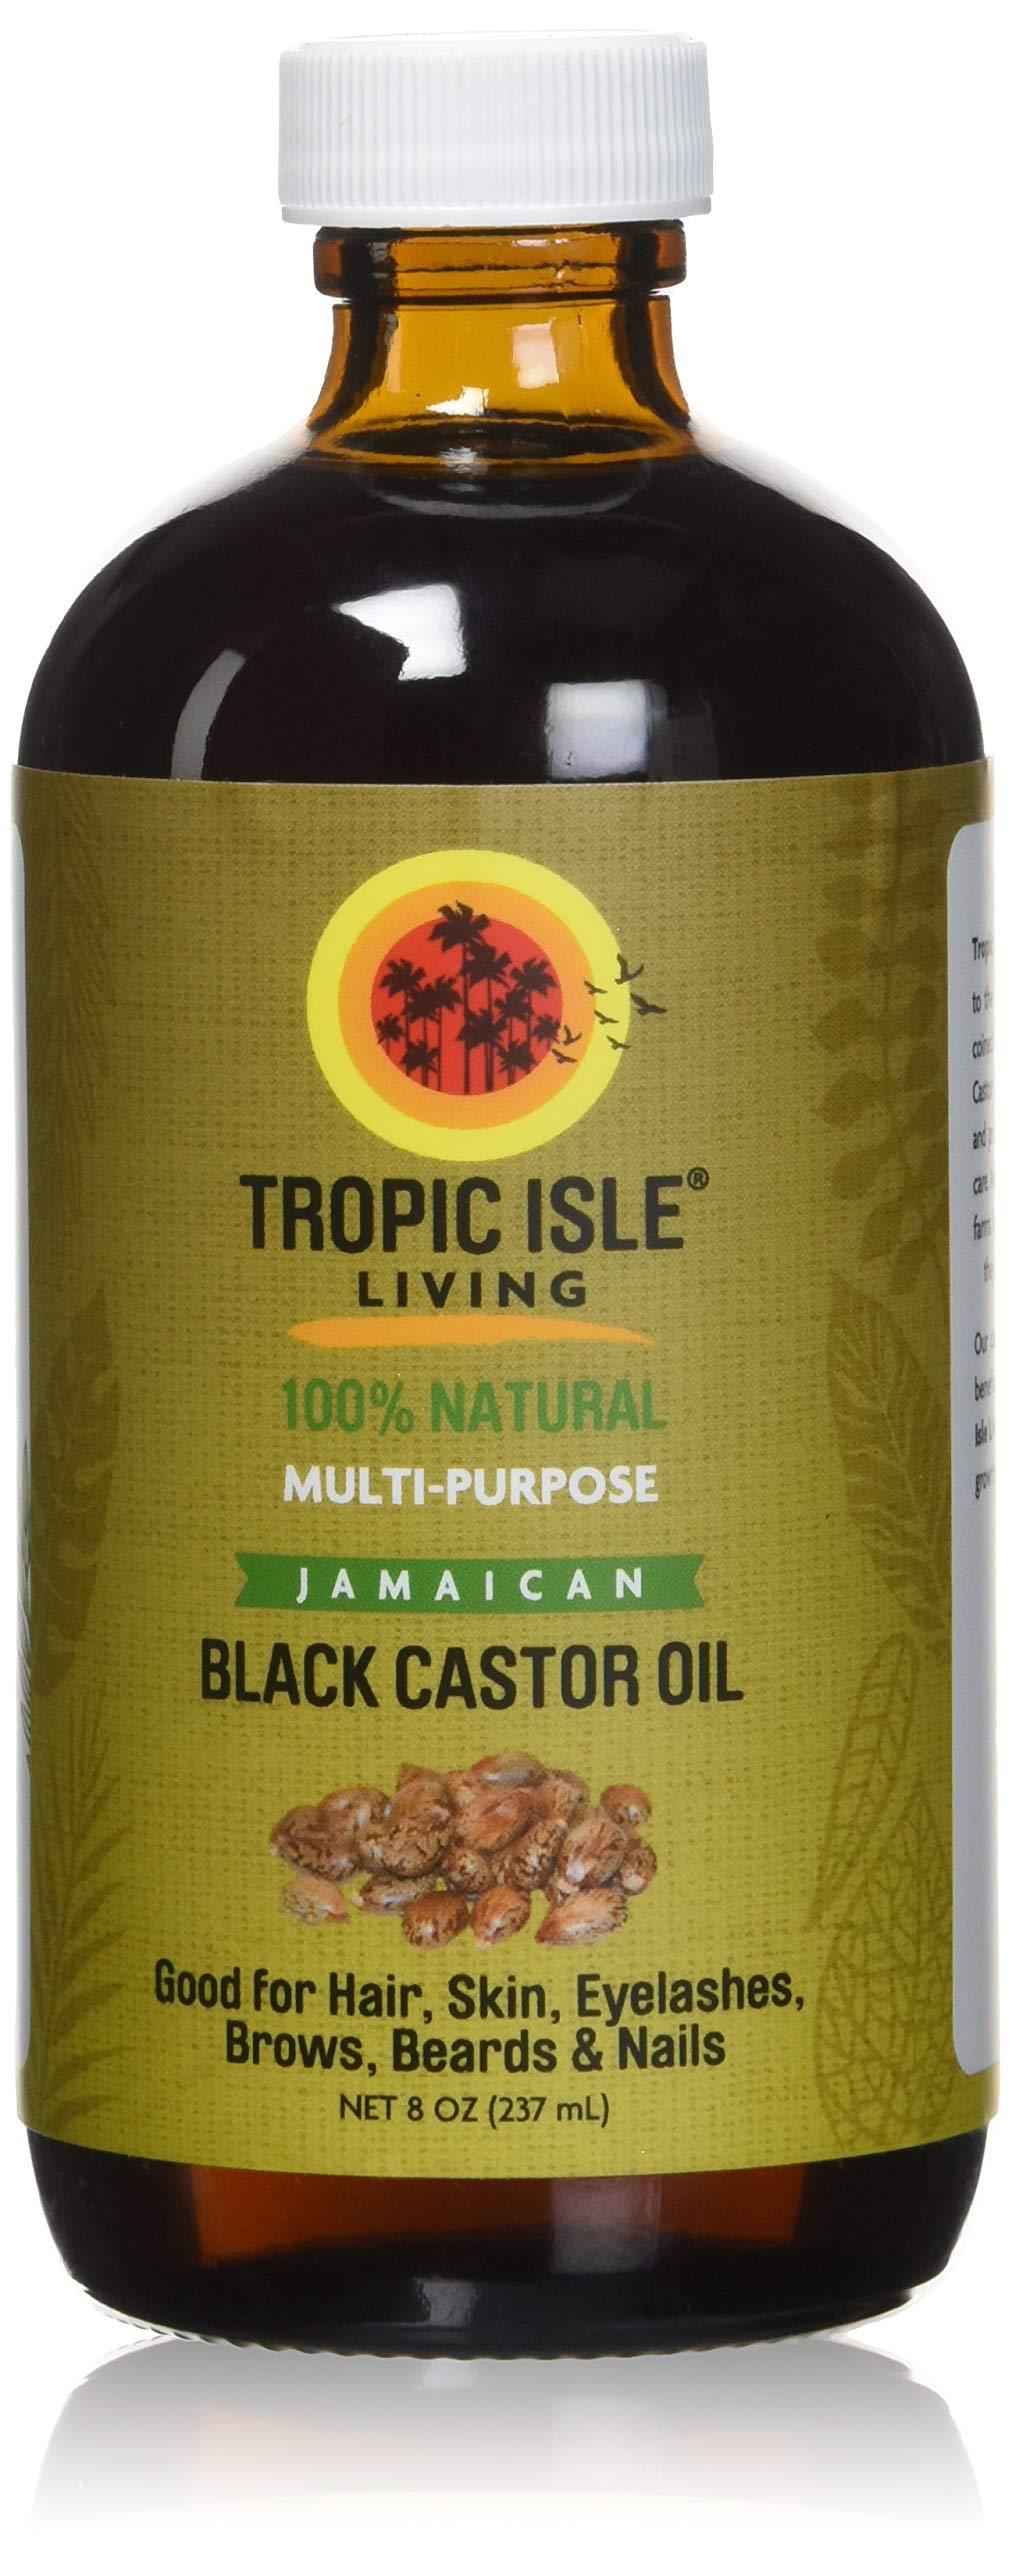 Tropic Isle Living Jamaican Black Castor Oil, 8 fl. oz.- Glass Bottle